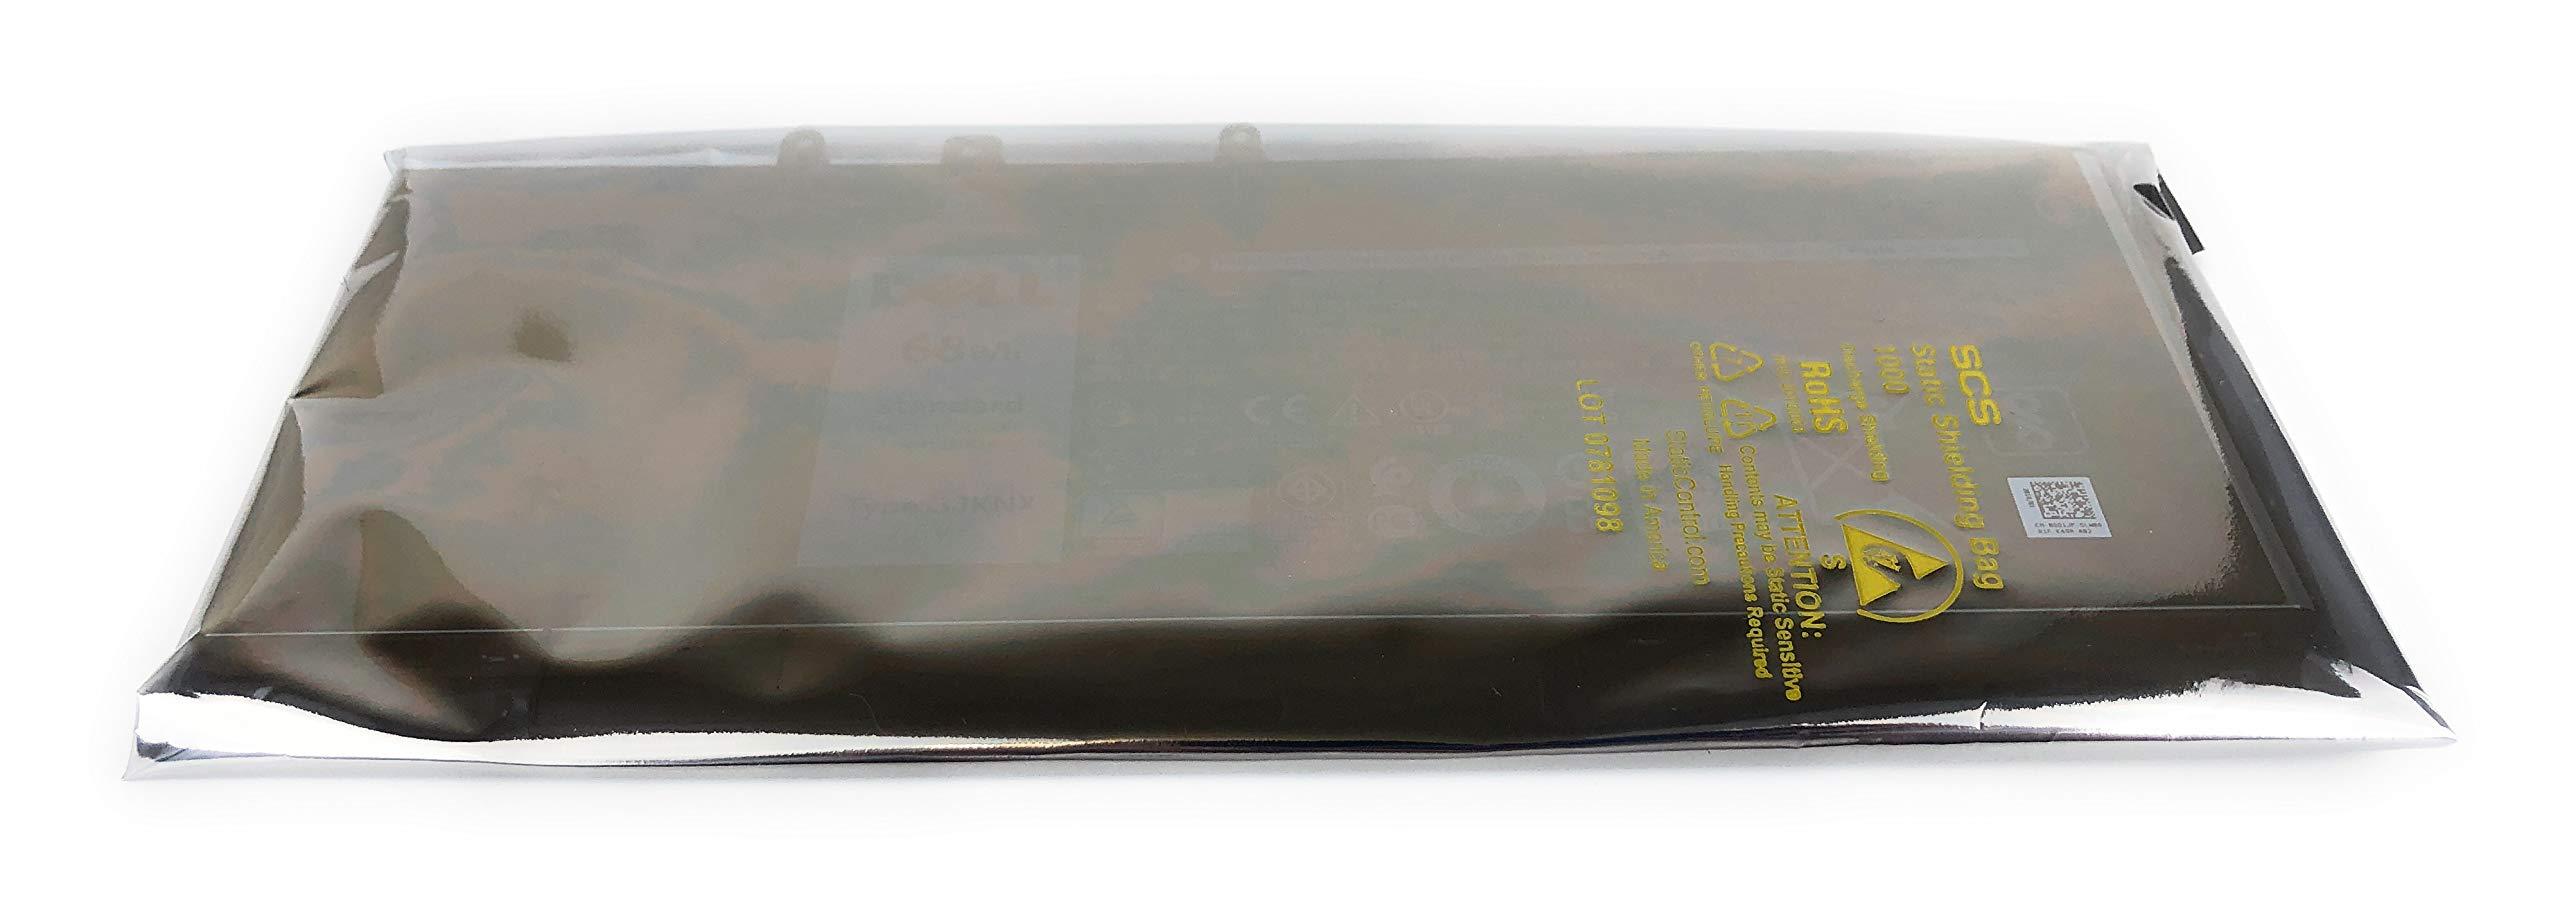 Genuine Dell Latitude 5480 E5580 5490 E5590 and Precision 3520 Notebook Battery 7.6 V 68wh GJKNX-1 by Dell (Image #3)